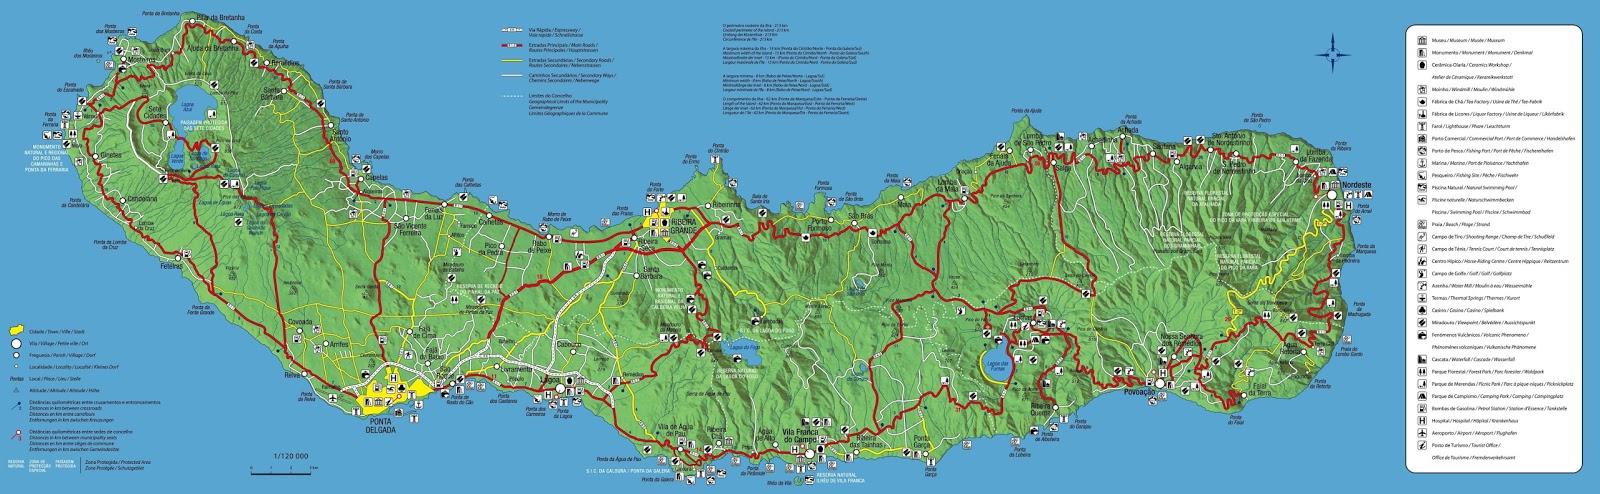 mapa sao miguel Residencial Sete Cidades: Mapa de São Miguel mapa sao miguel